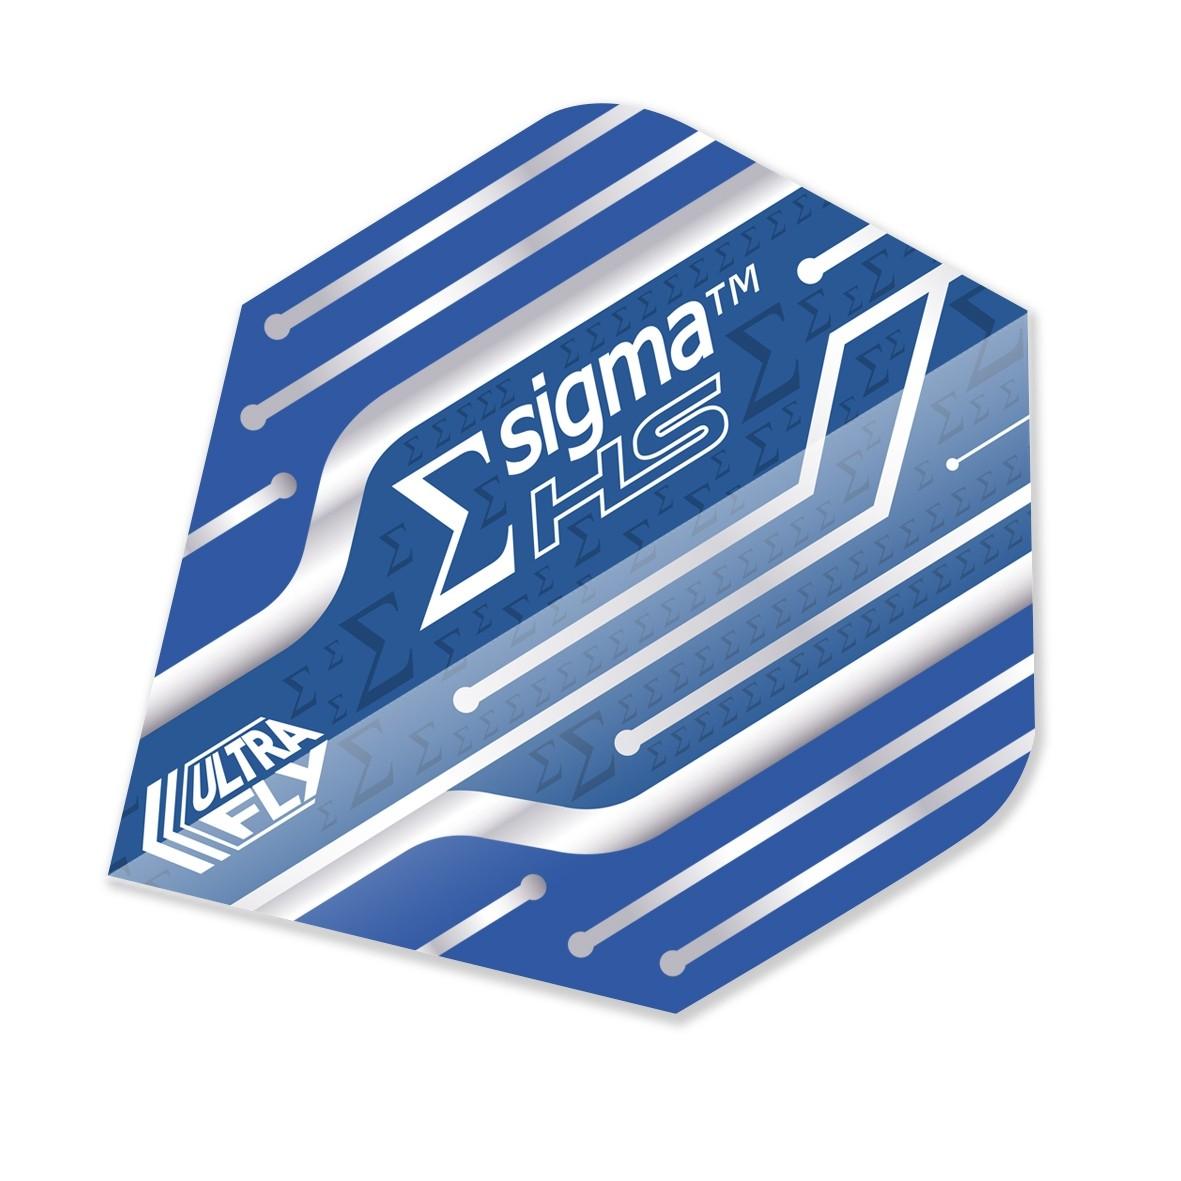 ULTRAFLY Dart Flights Sigma HS